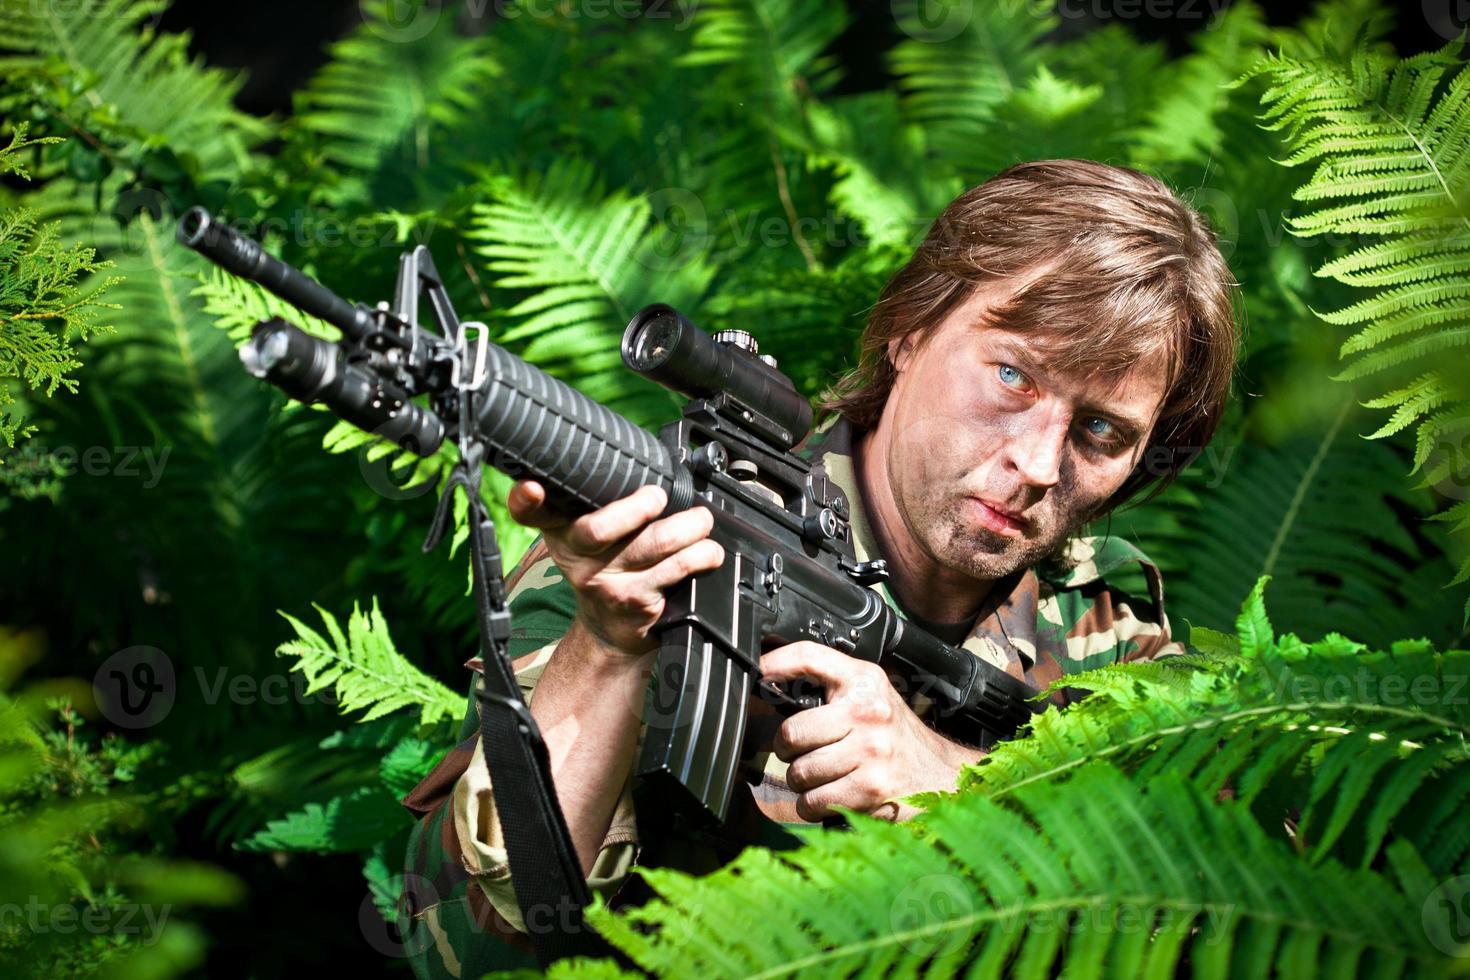 soldato con in mano la pistola foto